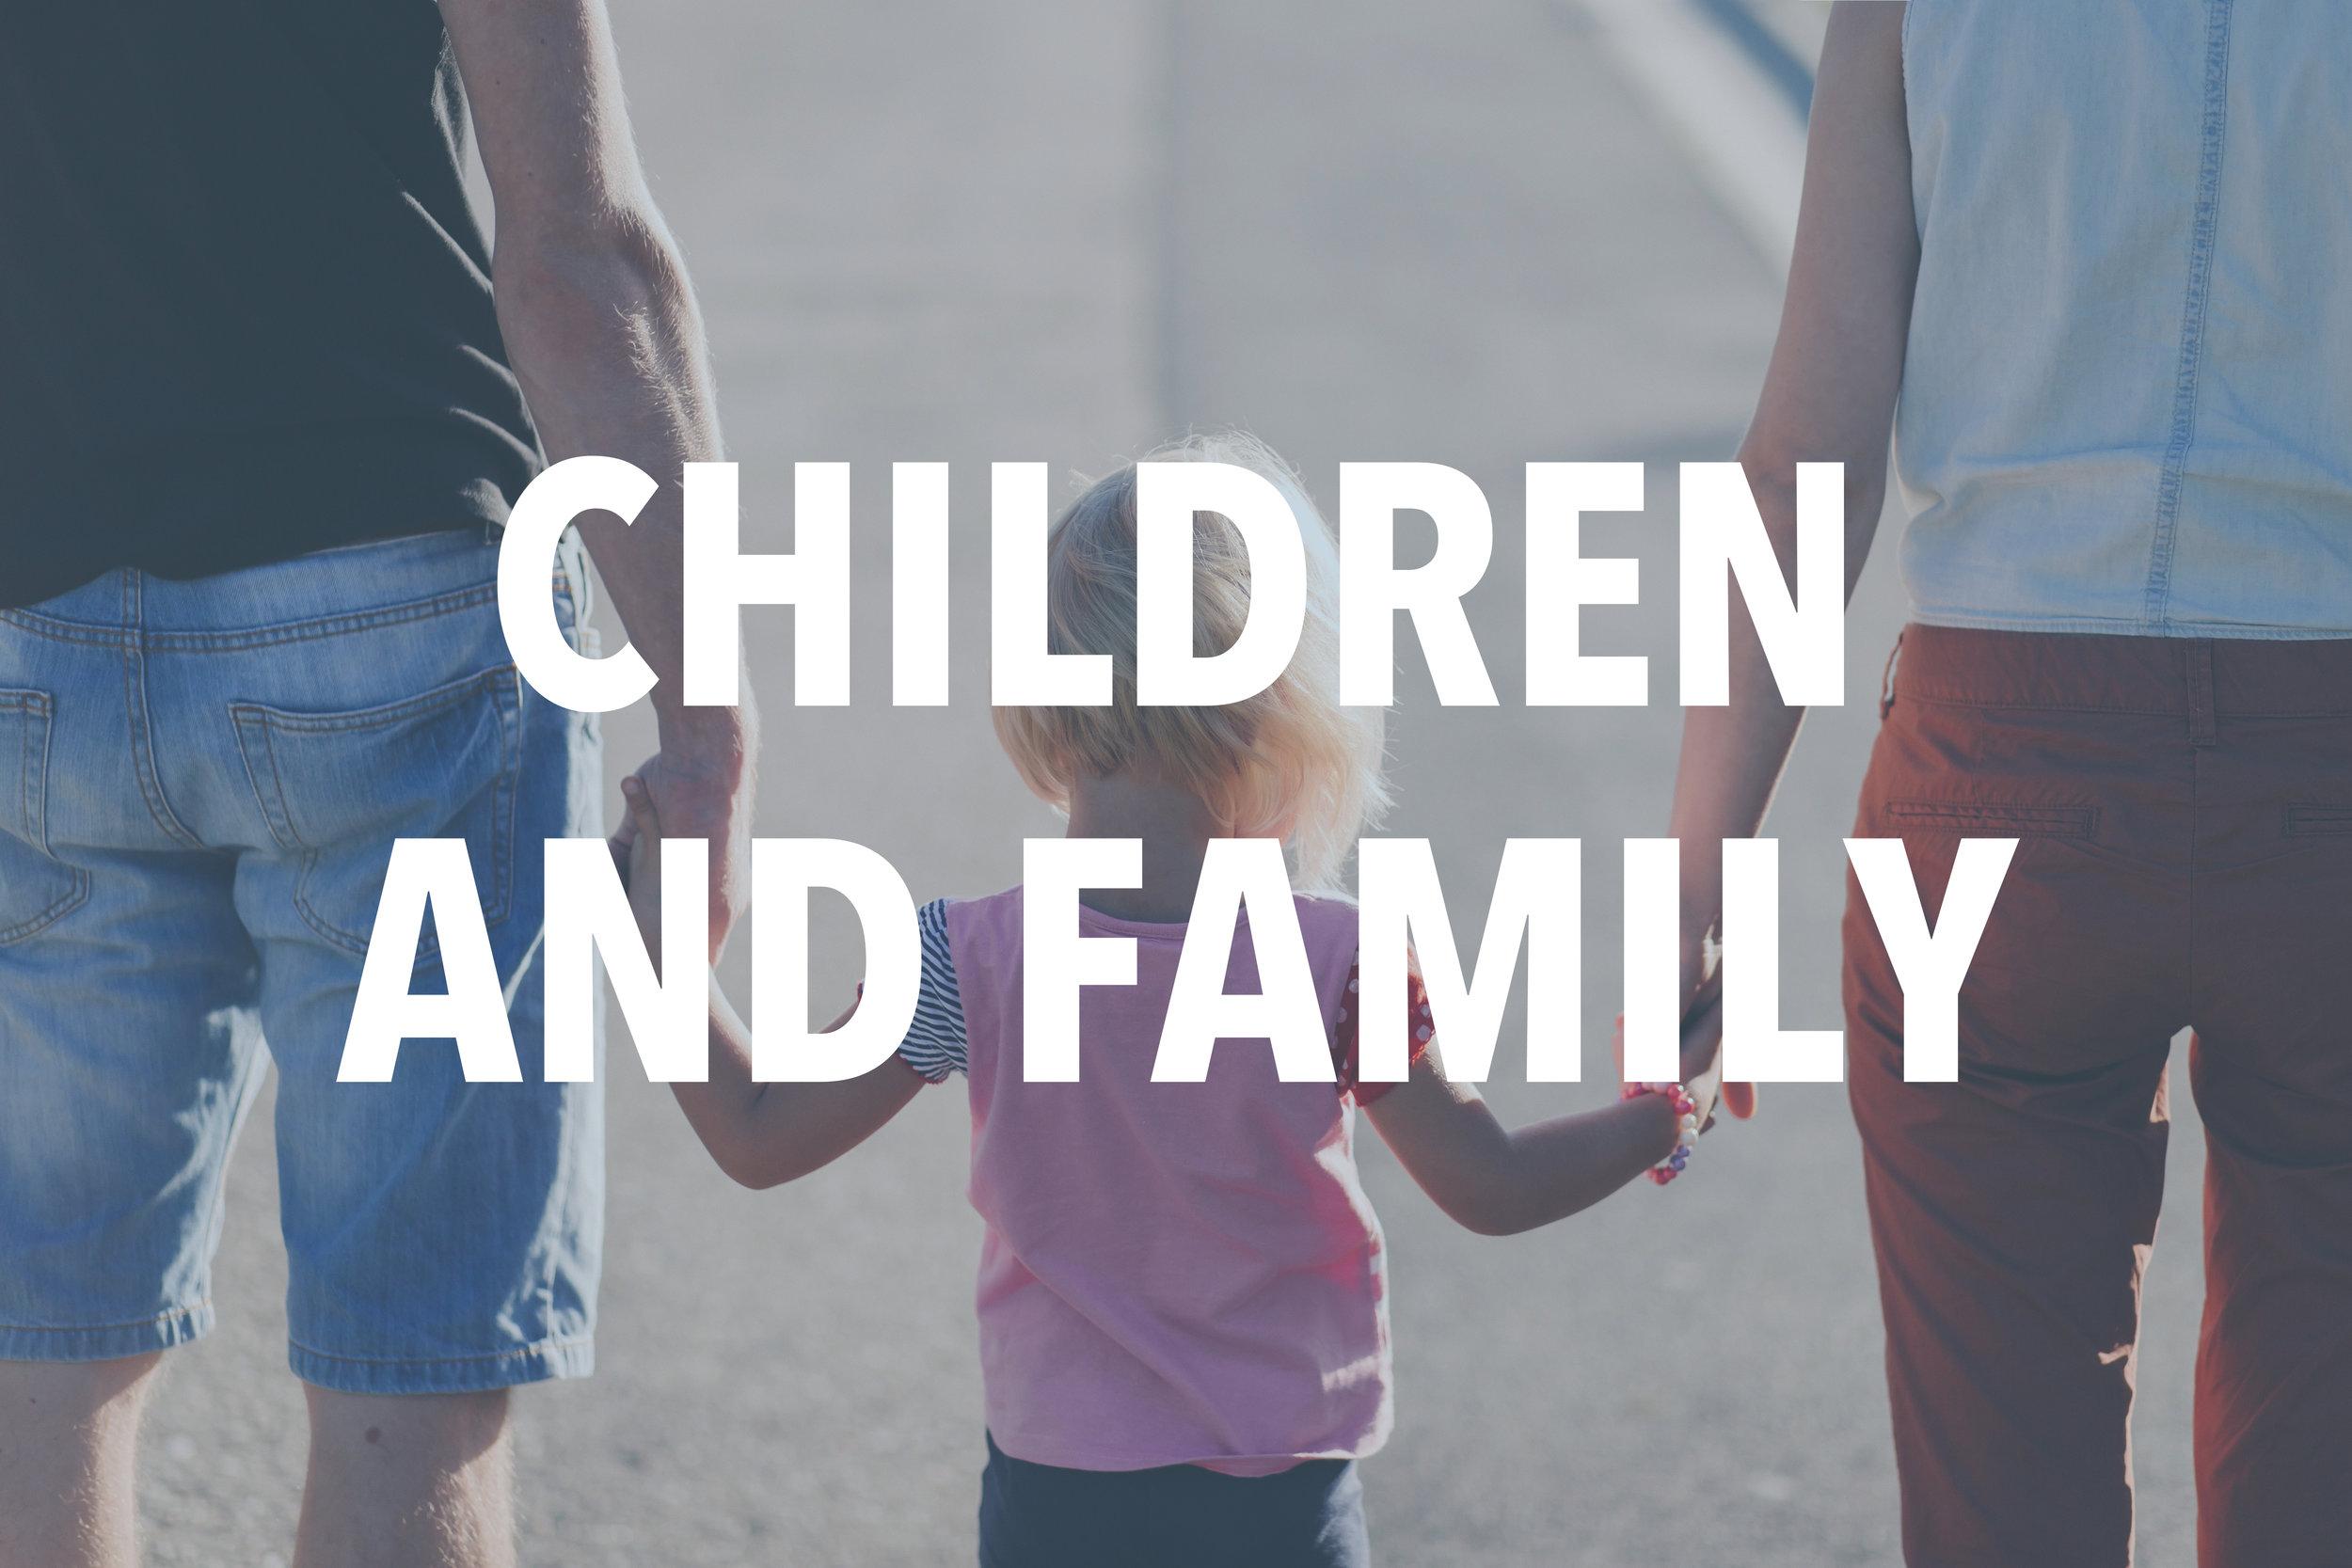 Children and Family.jpg